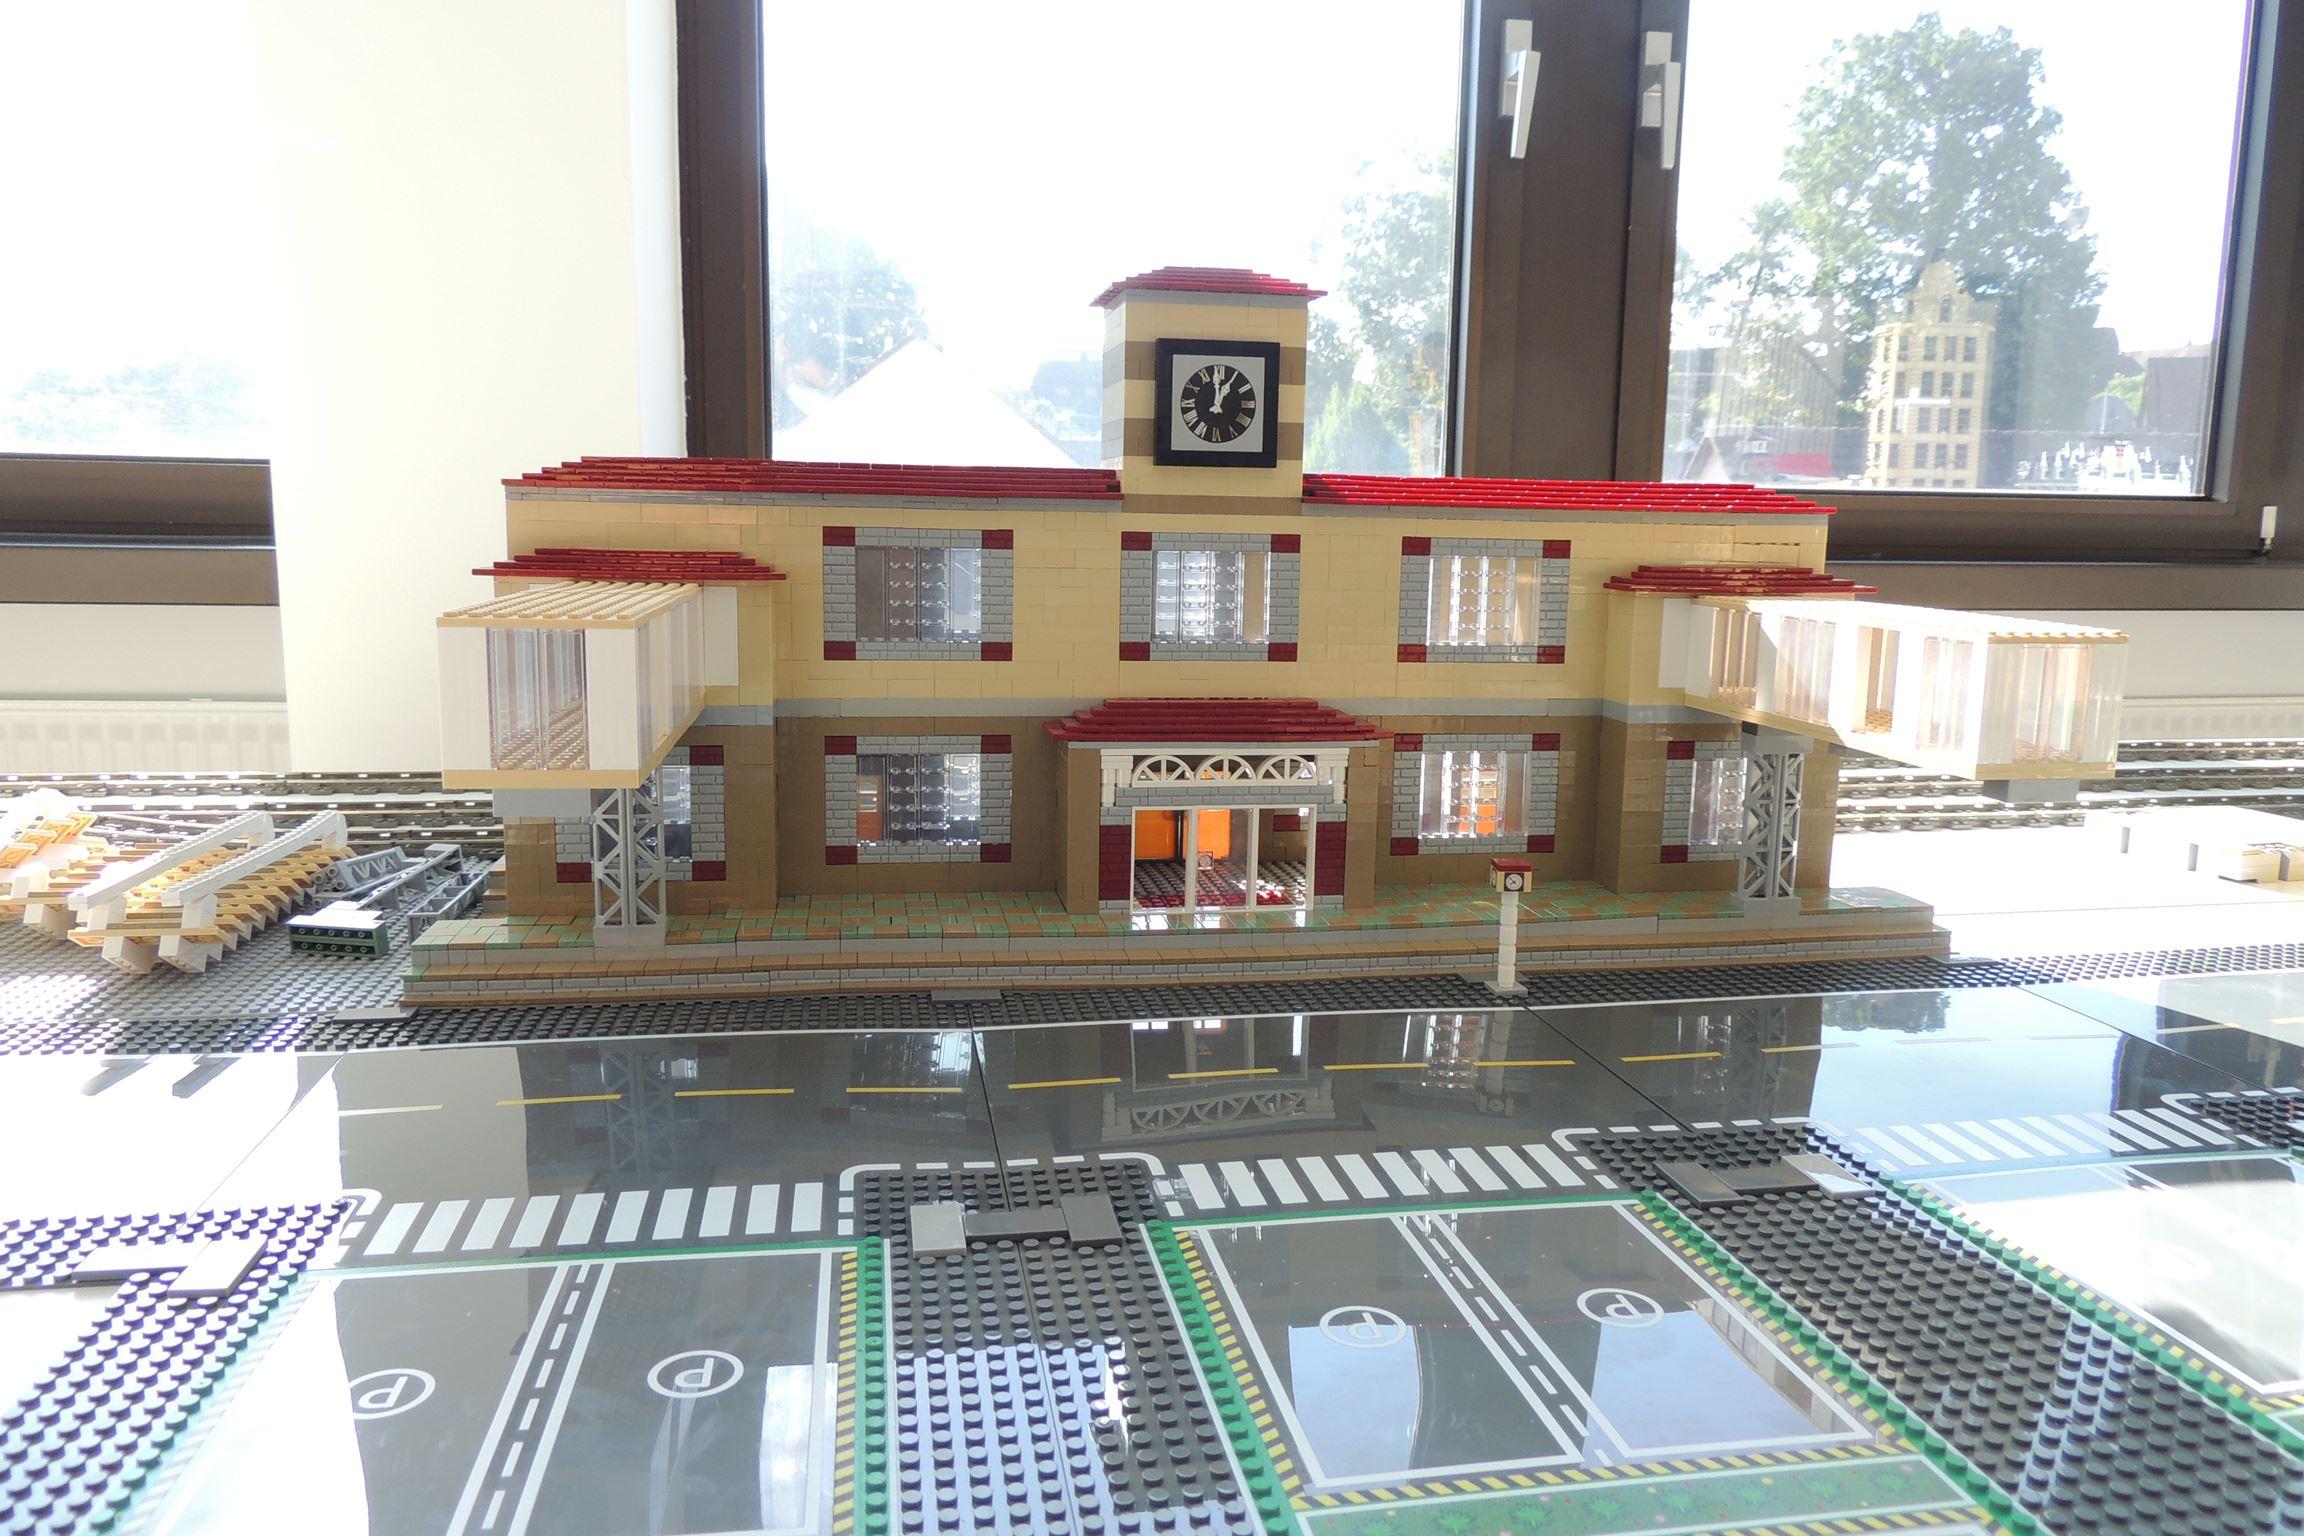 Ein selbstgestaltetes Bahnhofsgebäude mit viel Transclear.